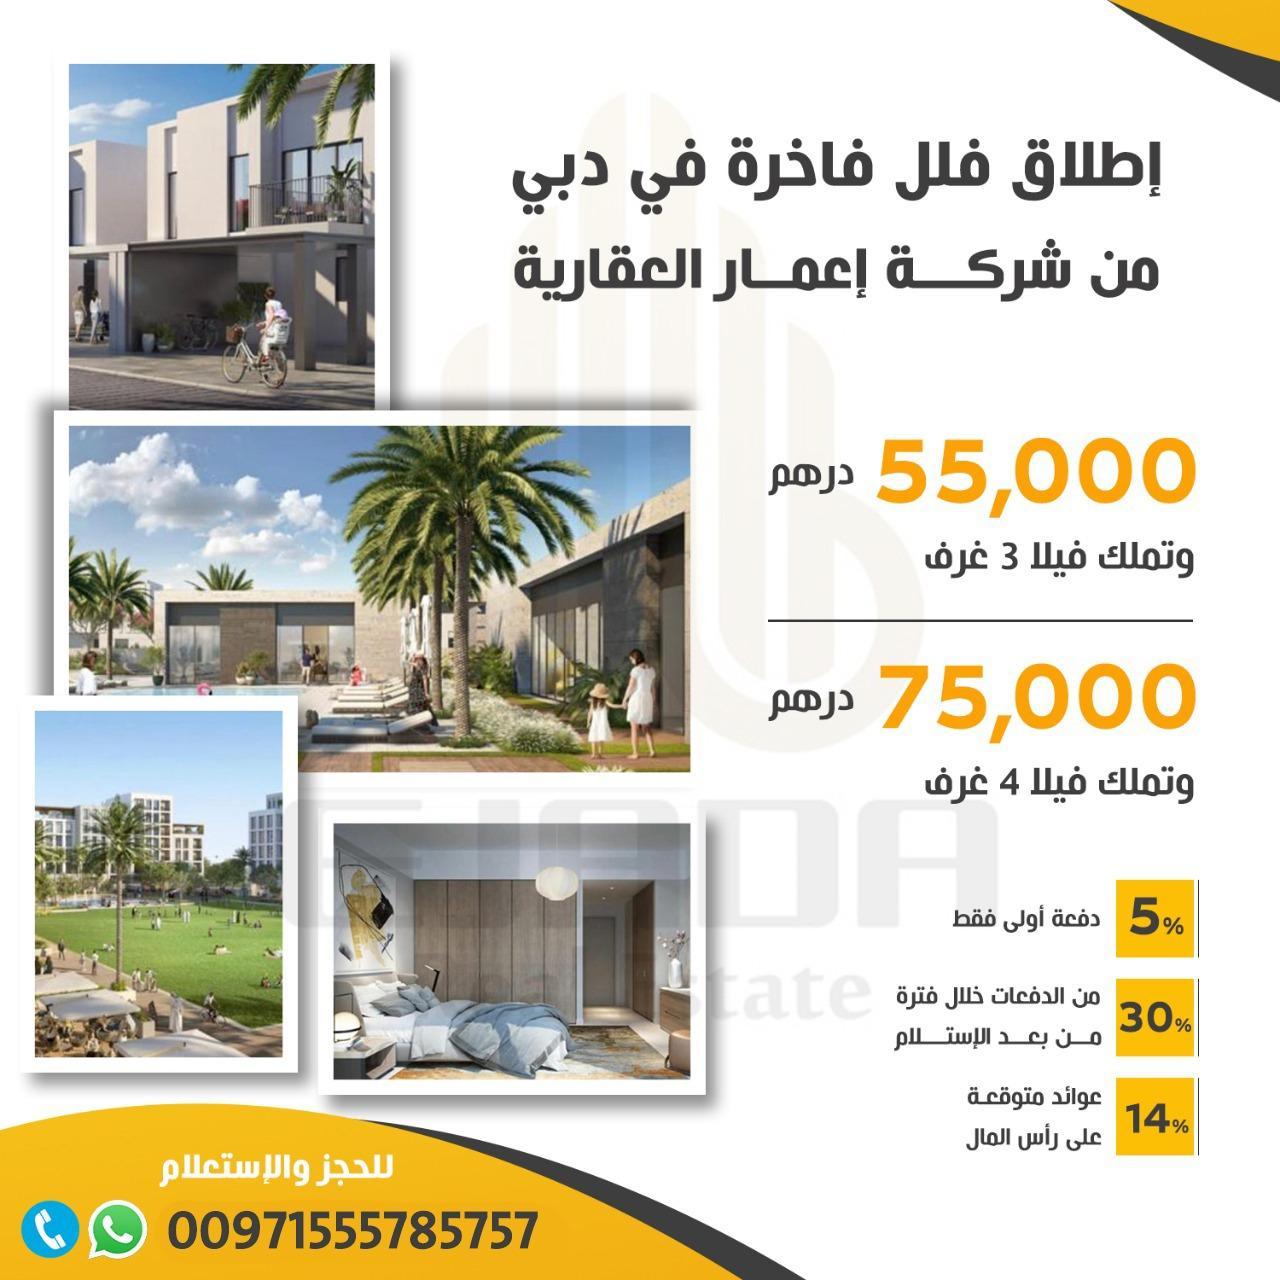 فلل فاخرة للبيع في دبي 297512675